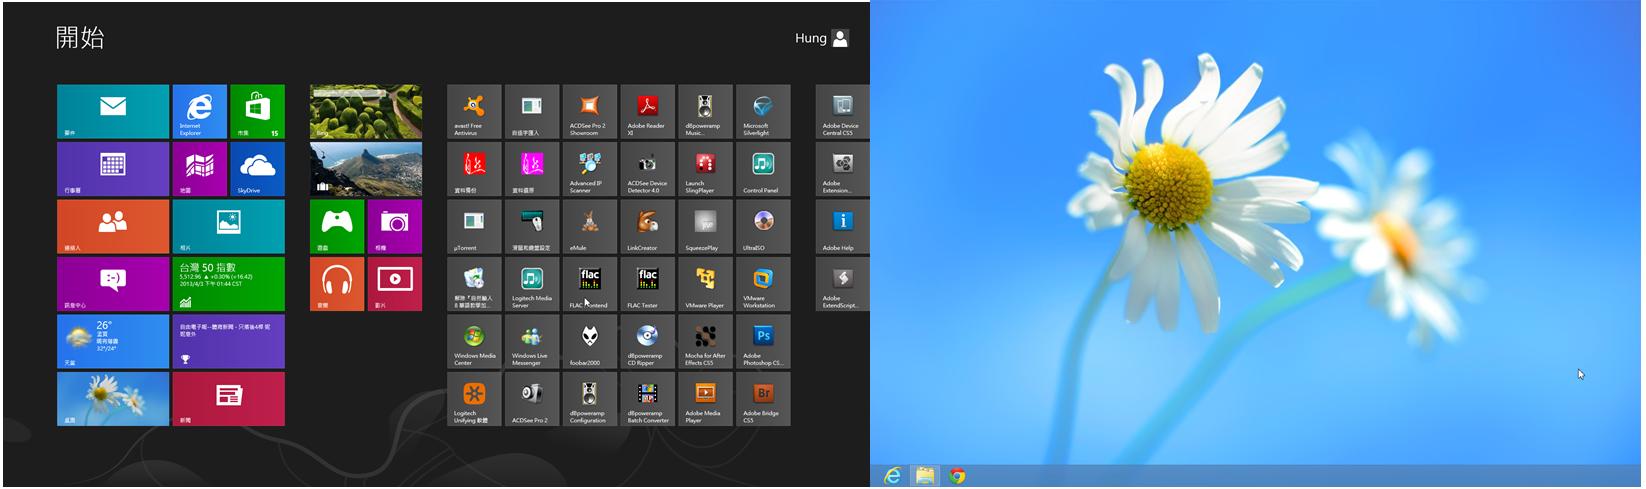 把Windows 8 開始畫面移到第二螢幕上